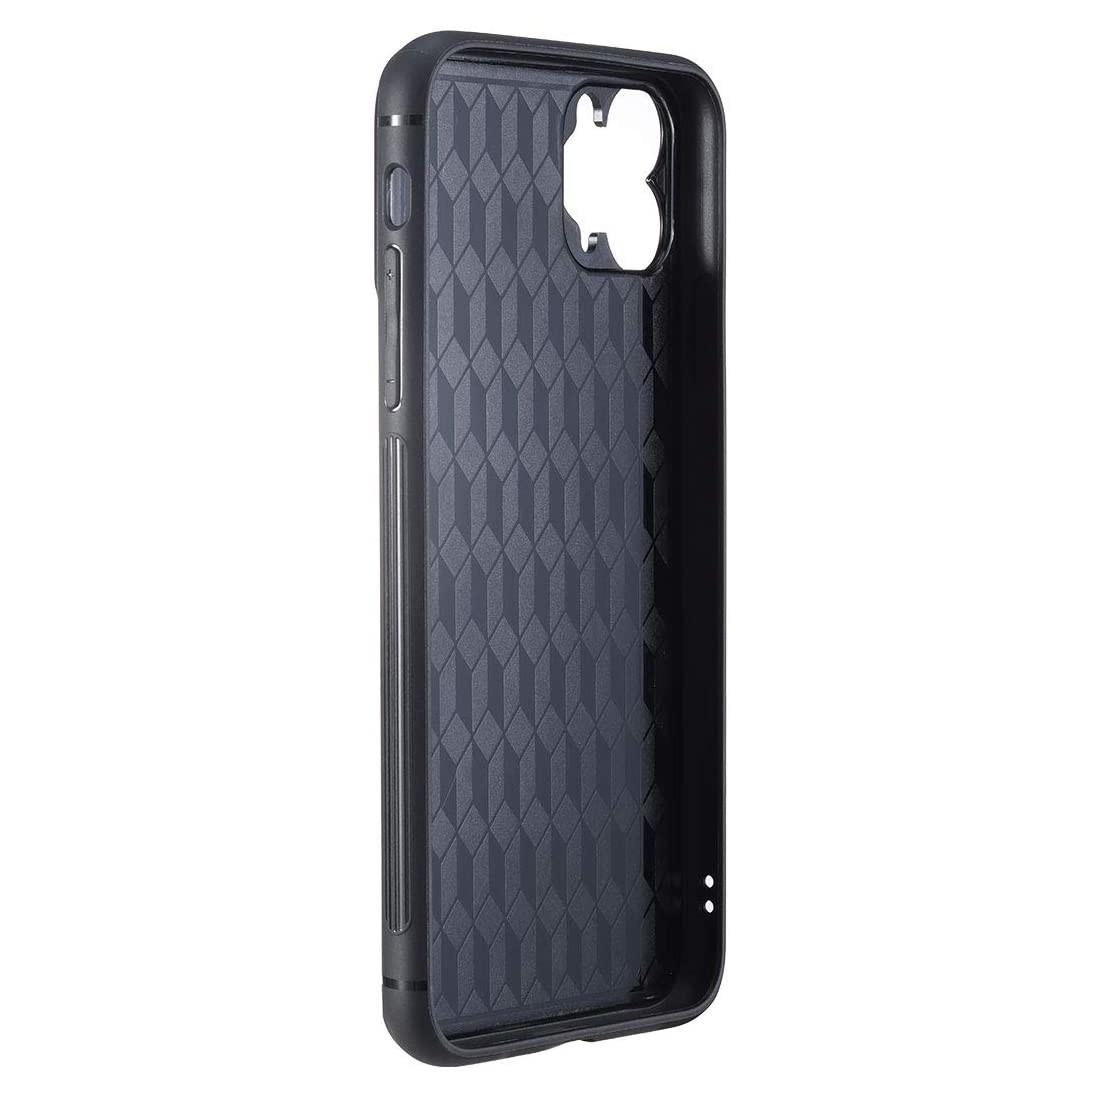 фото комплекта поставки чехла крепления для объектива iPhone 11 Pro Max